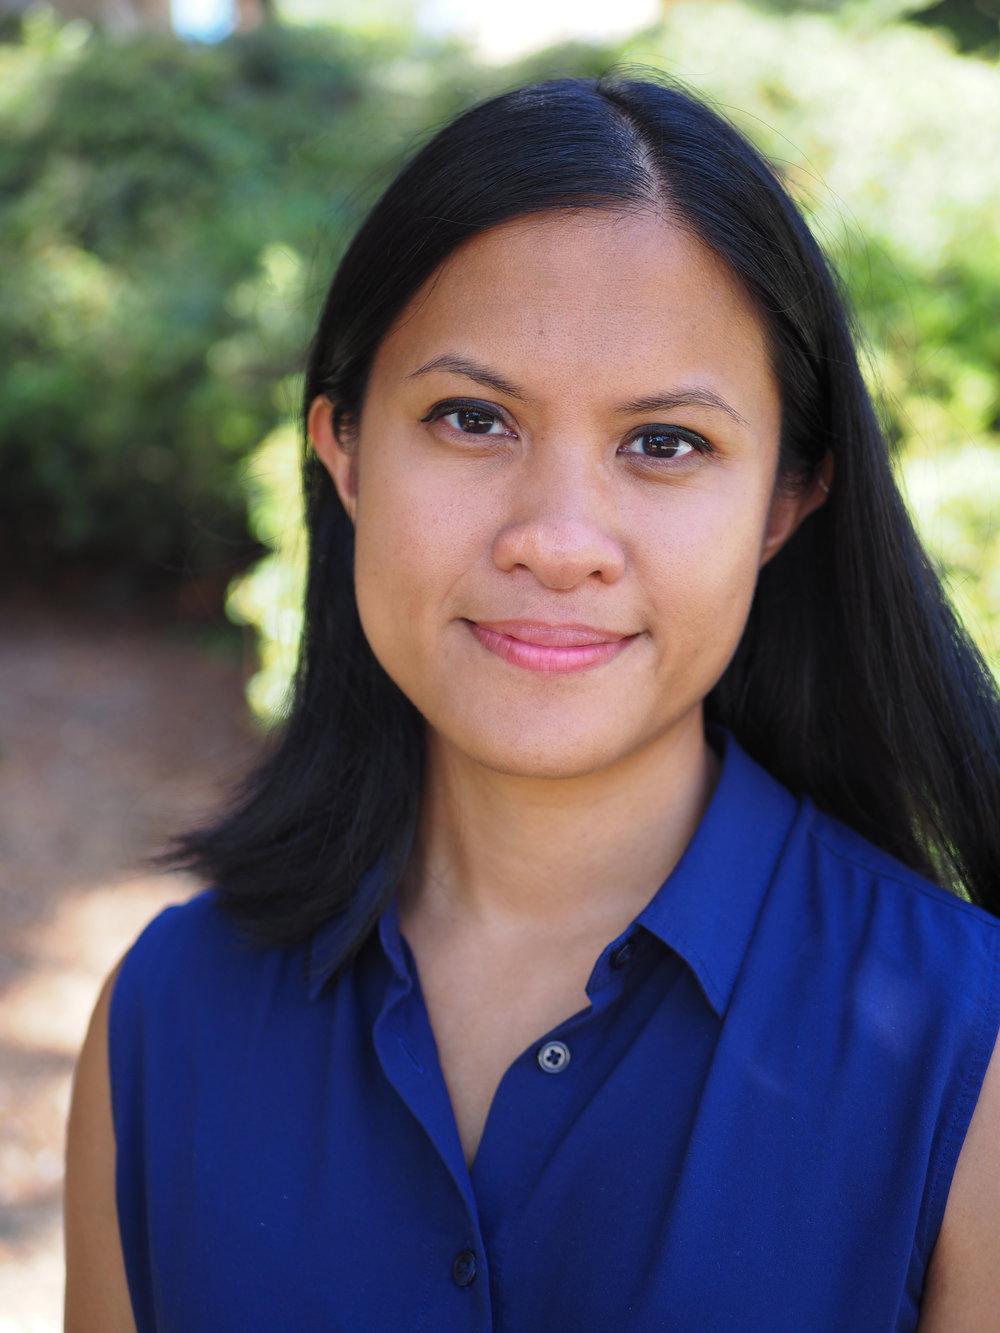 Stephanie F. Zopf - Boston Ambassador